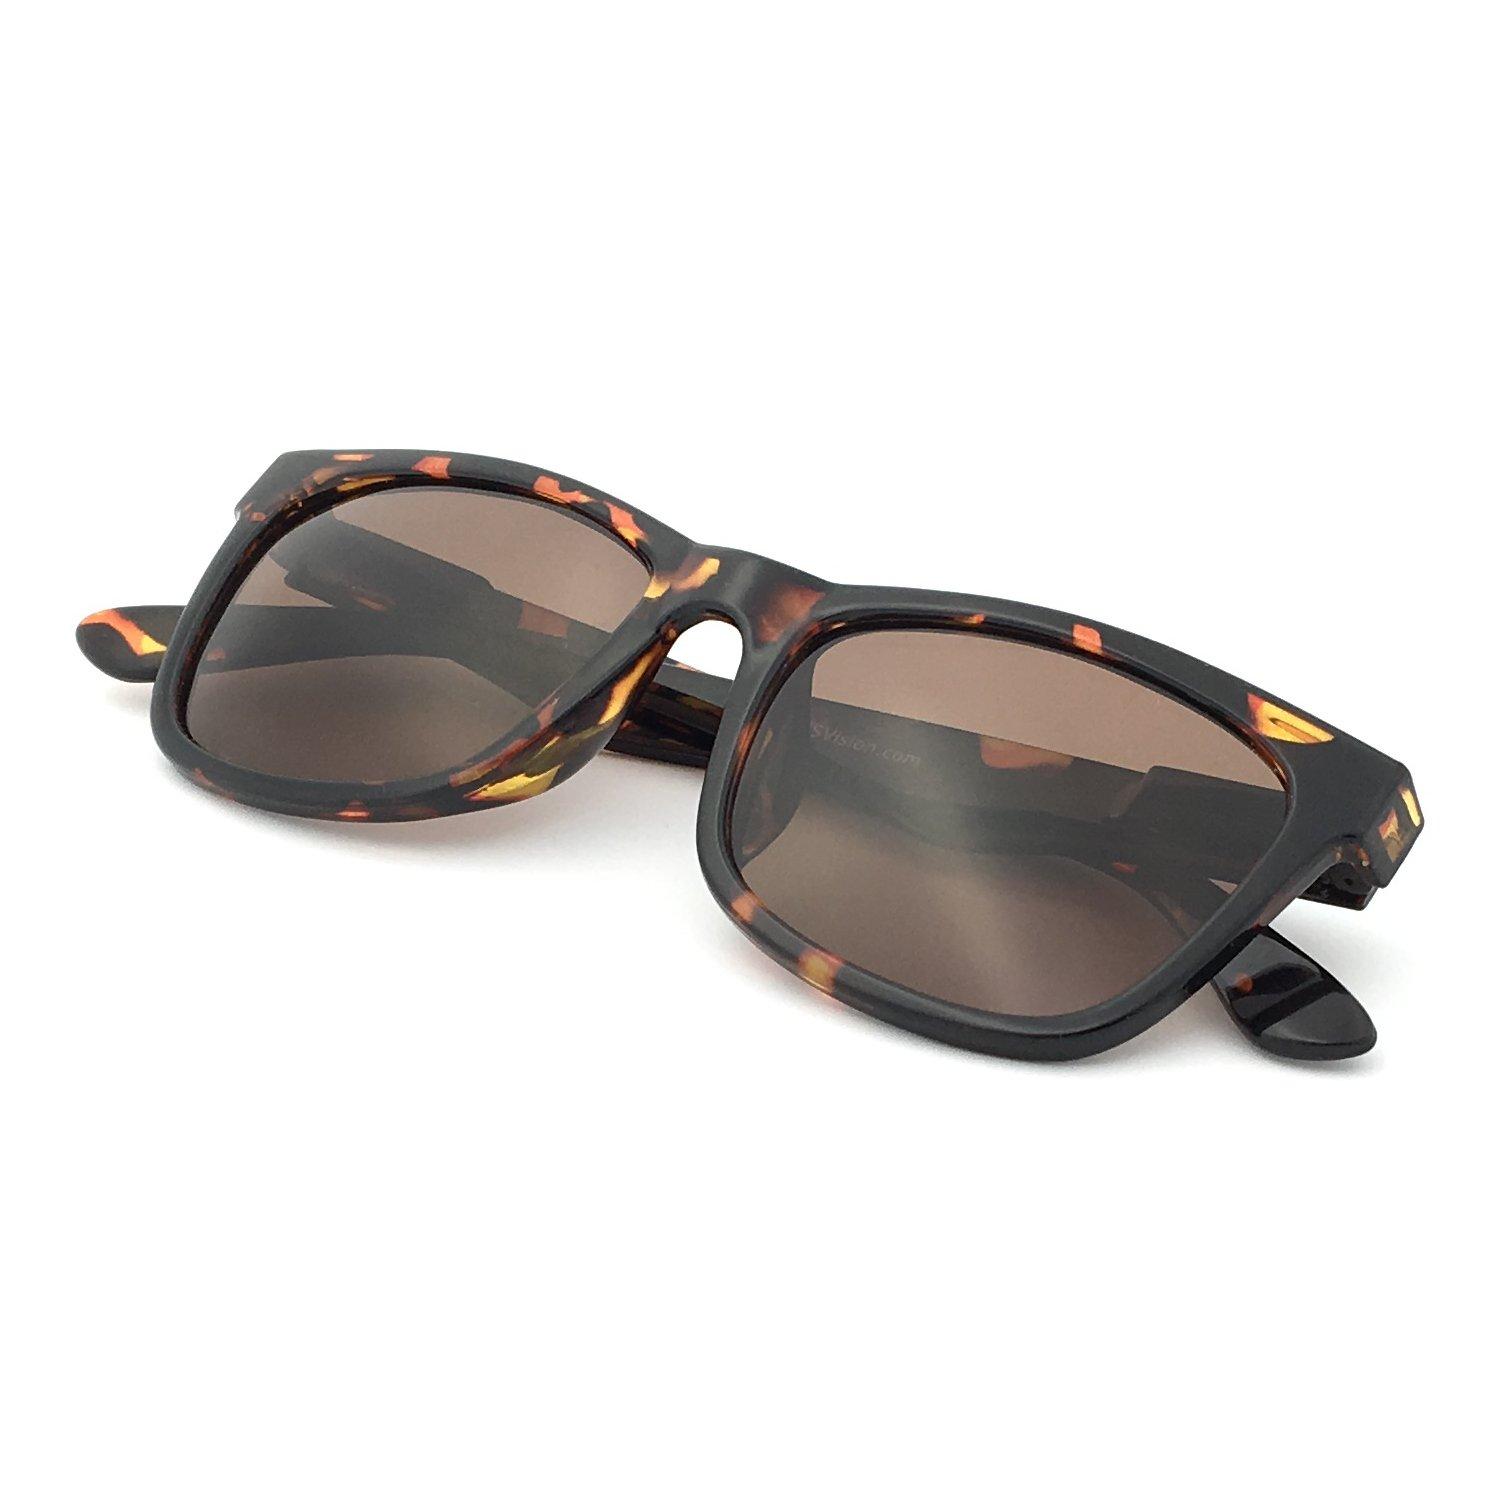 J+S Classic 80's Wayfarer Mark II Sunglasses, Polarized, 100% UV protection, Spring Hinged (Tortoise Frame/Brown Lens)